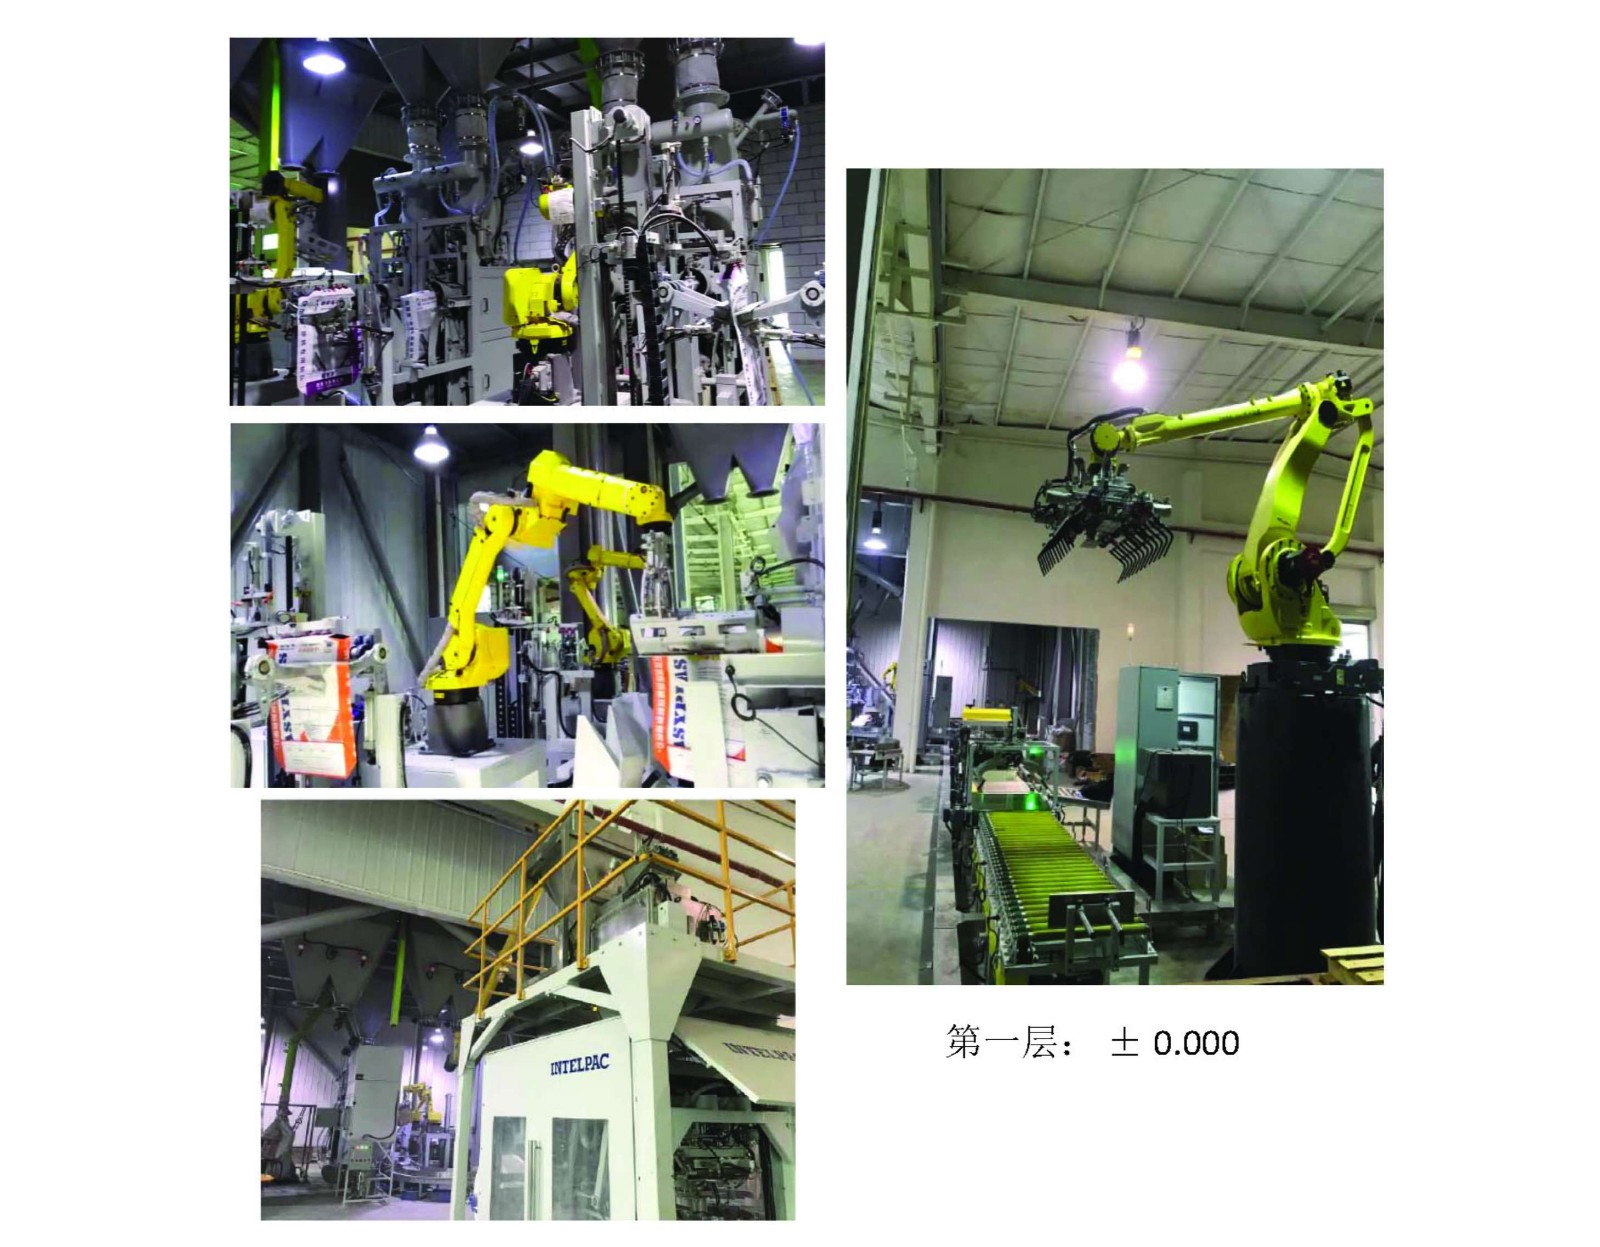 抗裂砂浆生产设备——搬运.jpg